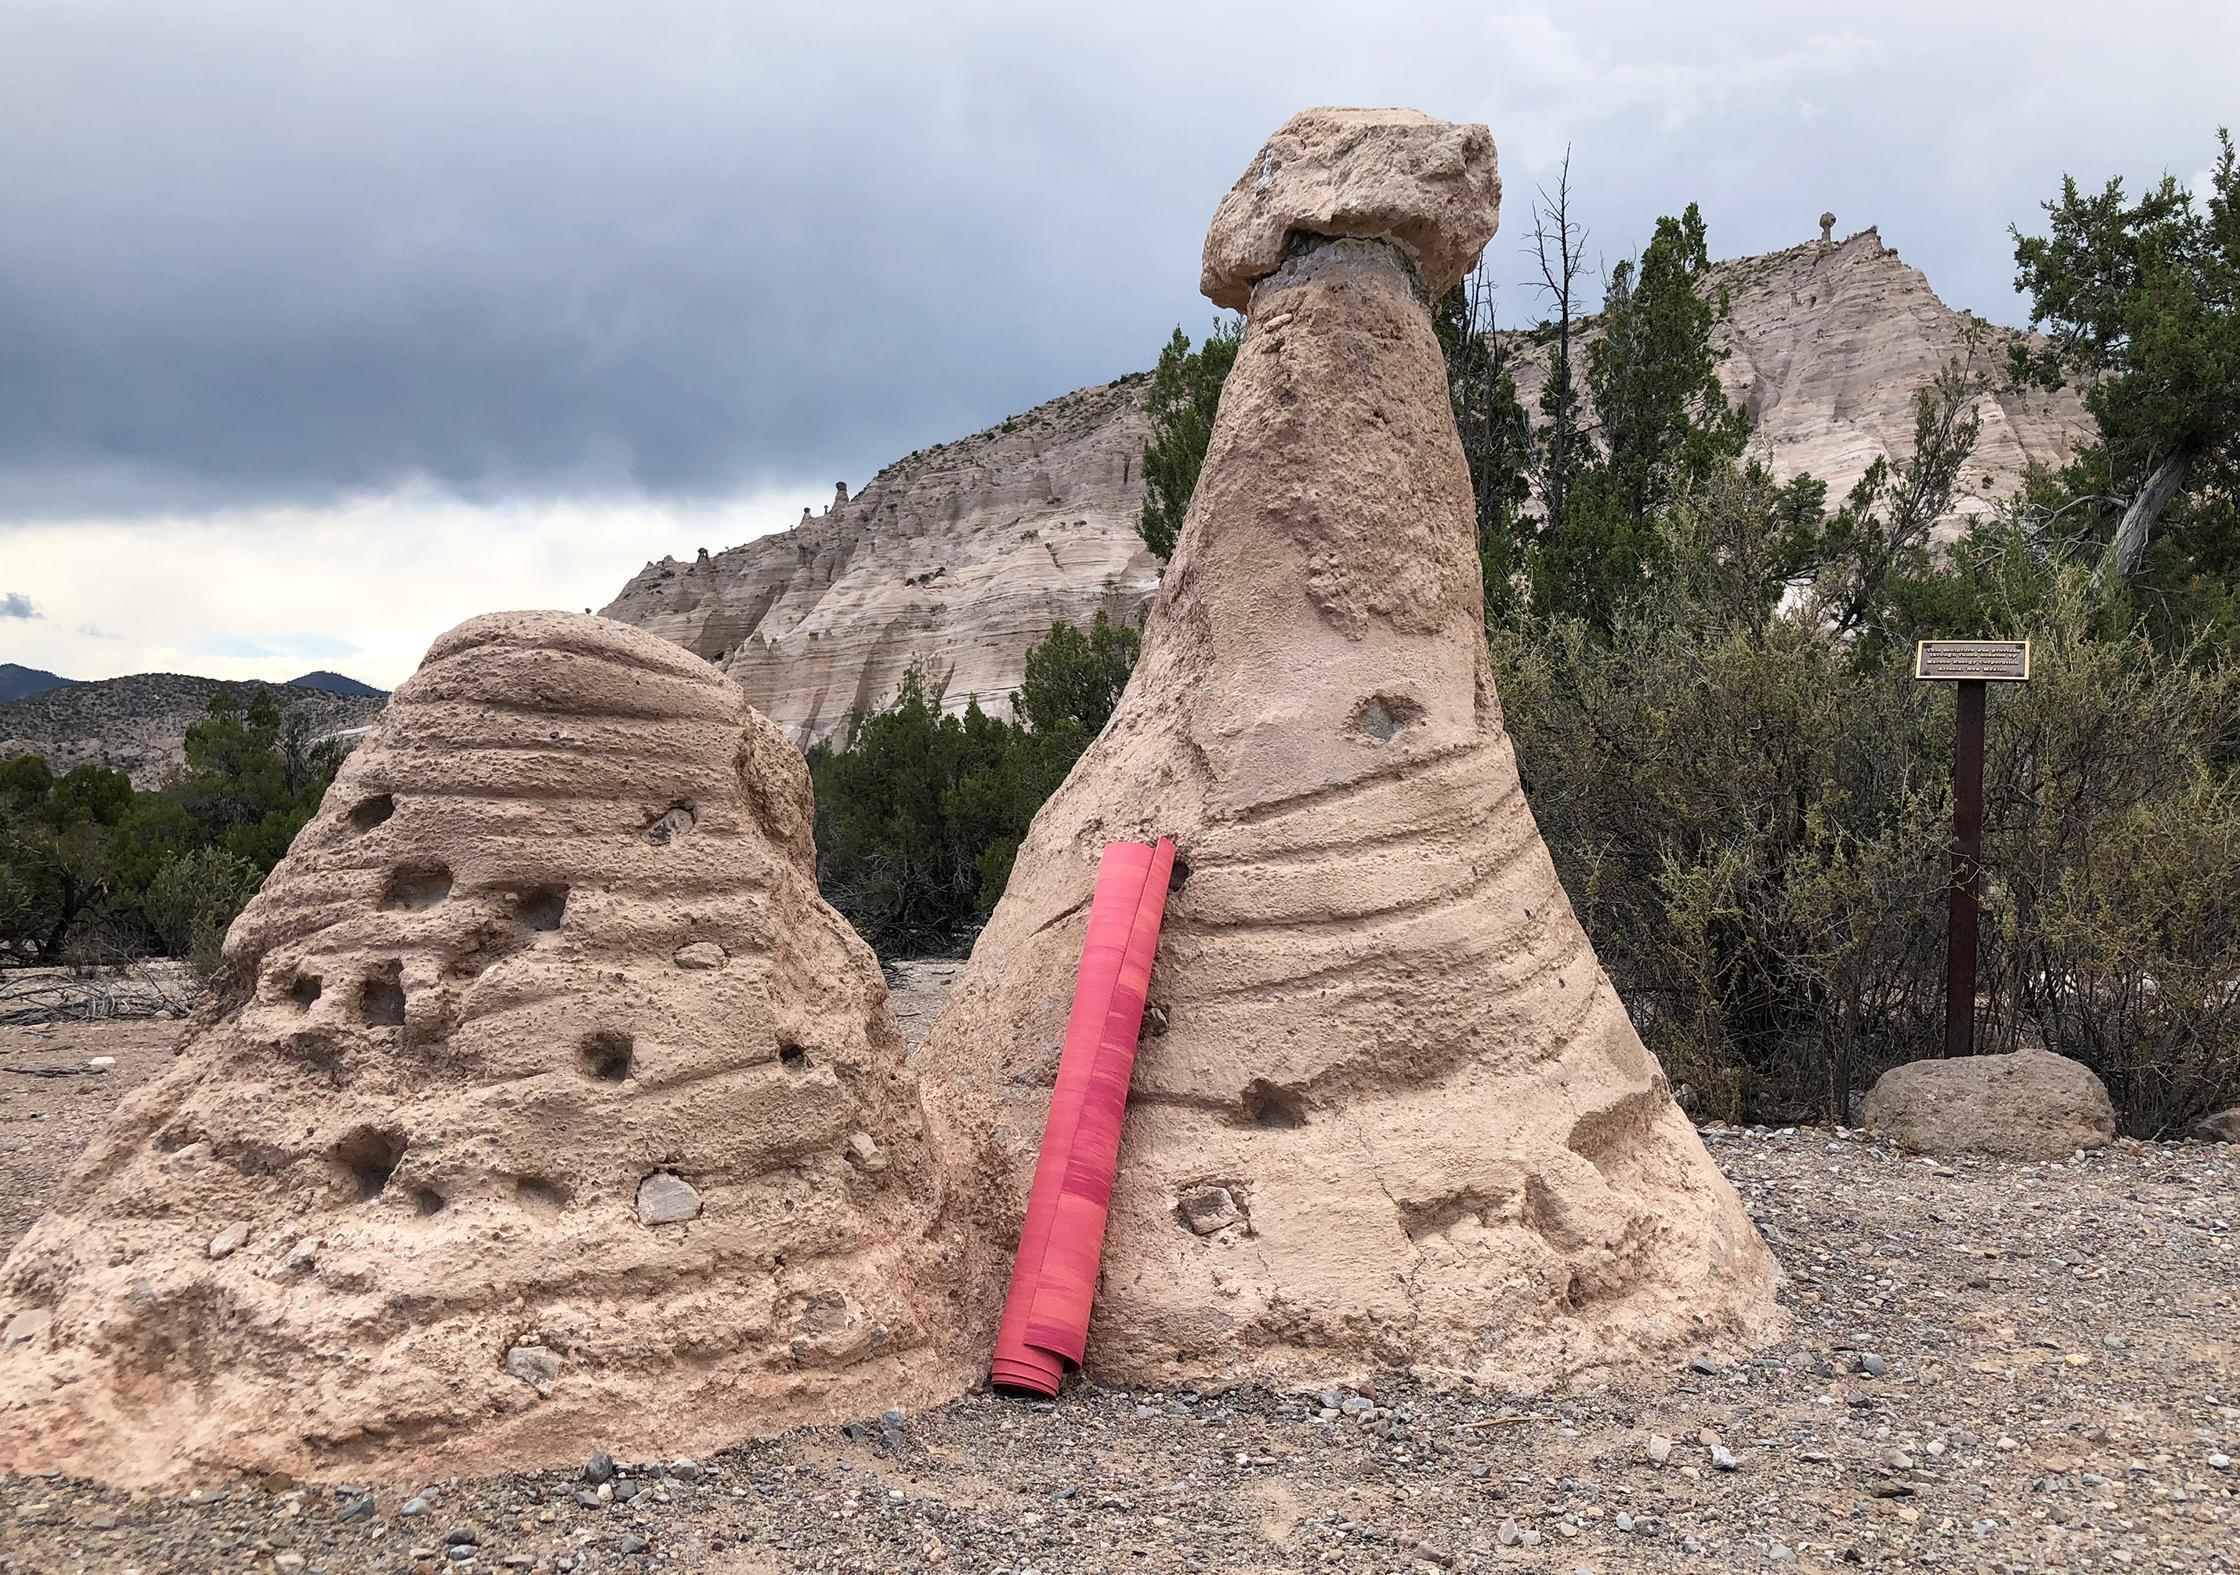 Manduka eKO SuperLite Yoga Mat in New Mexico